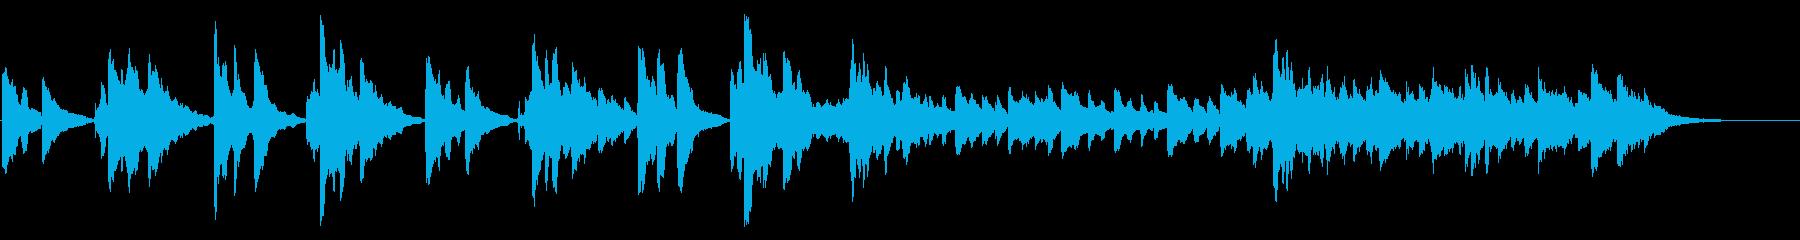 企業VP/CM/海/夏/オープニングの再生済みの波形